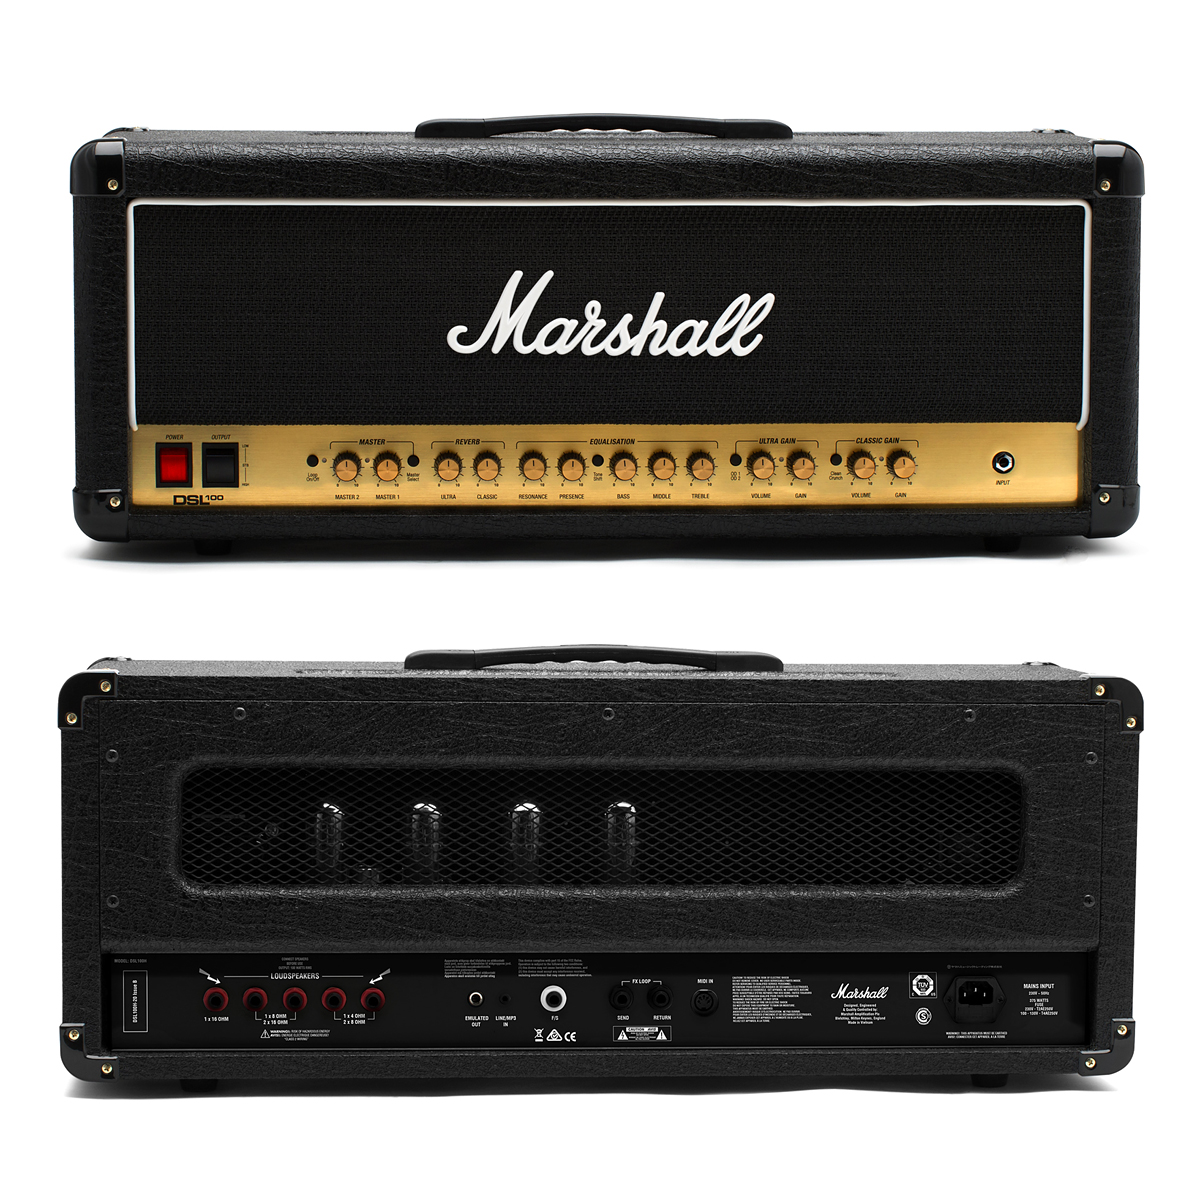 【100W】Marshall DSL100HR 新品 ギターアンプヘッド[マーシャル][Guitar Amplifier Head]